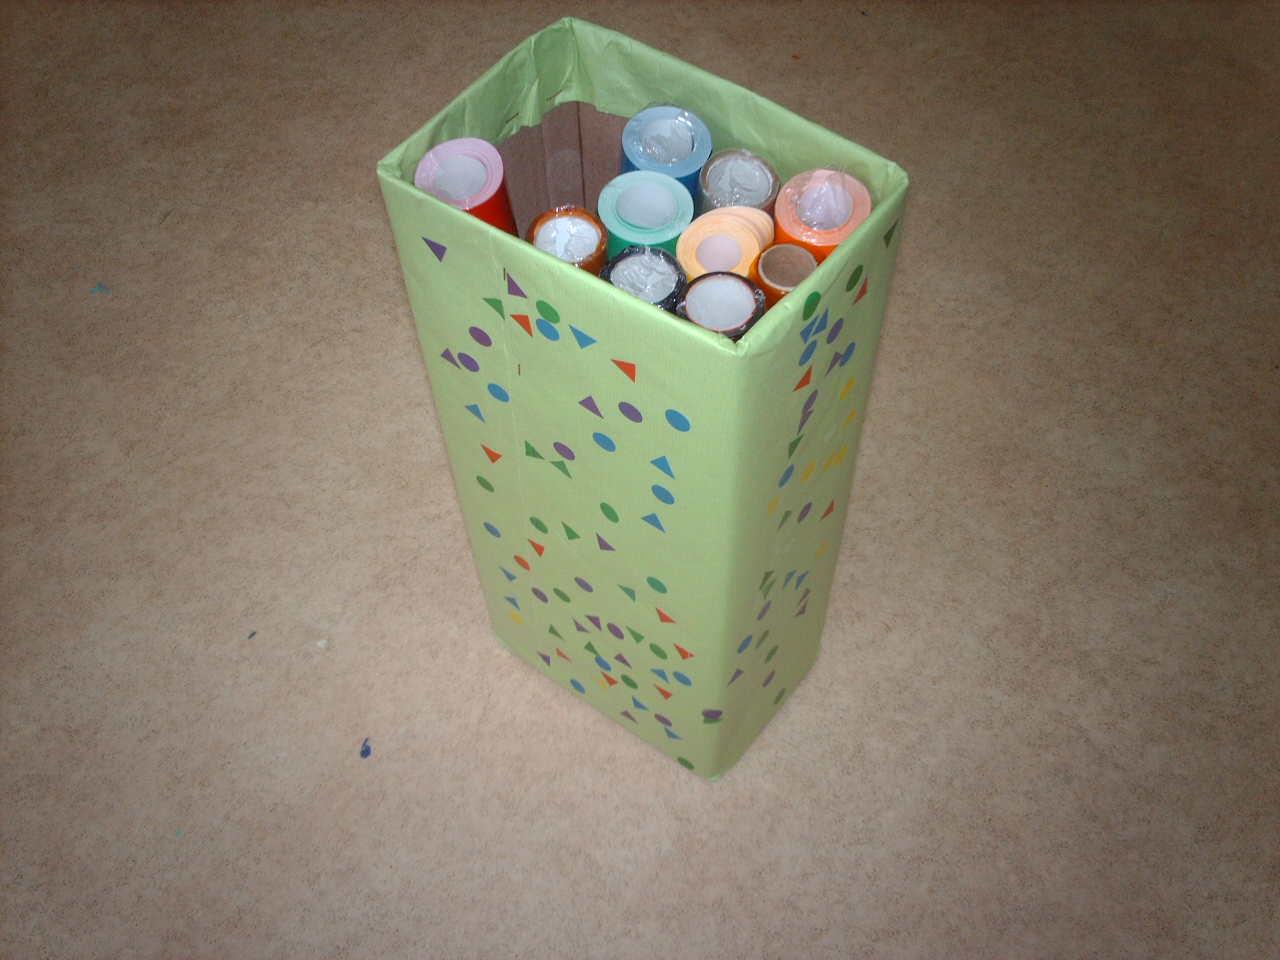 Educaci n infantil decorar una caja - Decorar una caja de zapatos para ninos ...